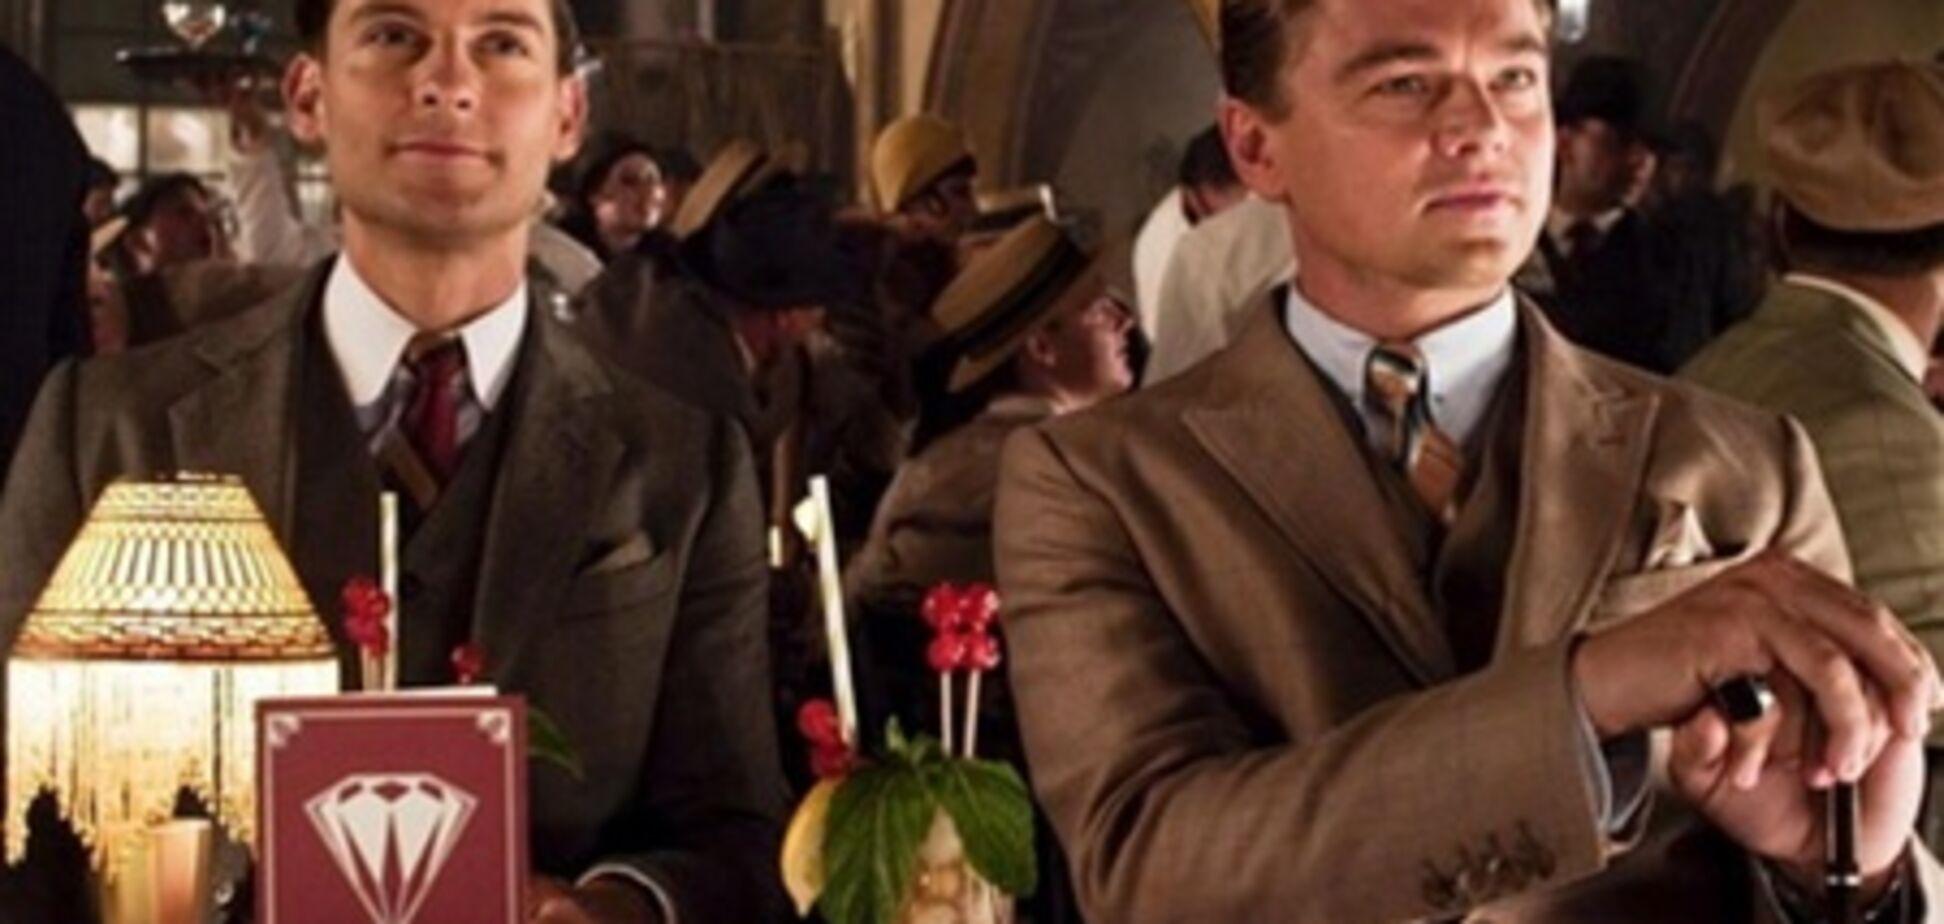 ДиКаприо, Магуайр и Харди поборются с браконьерами